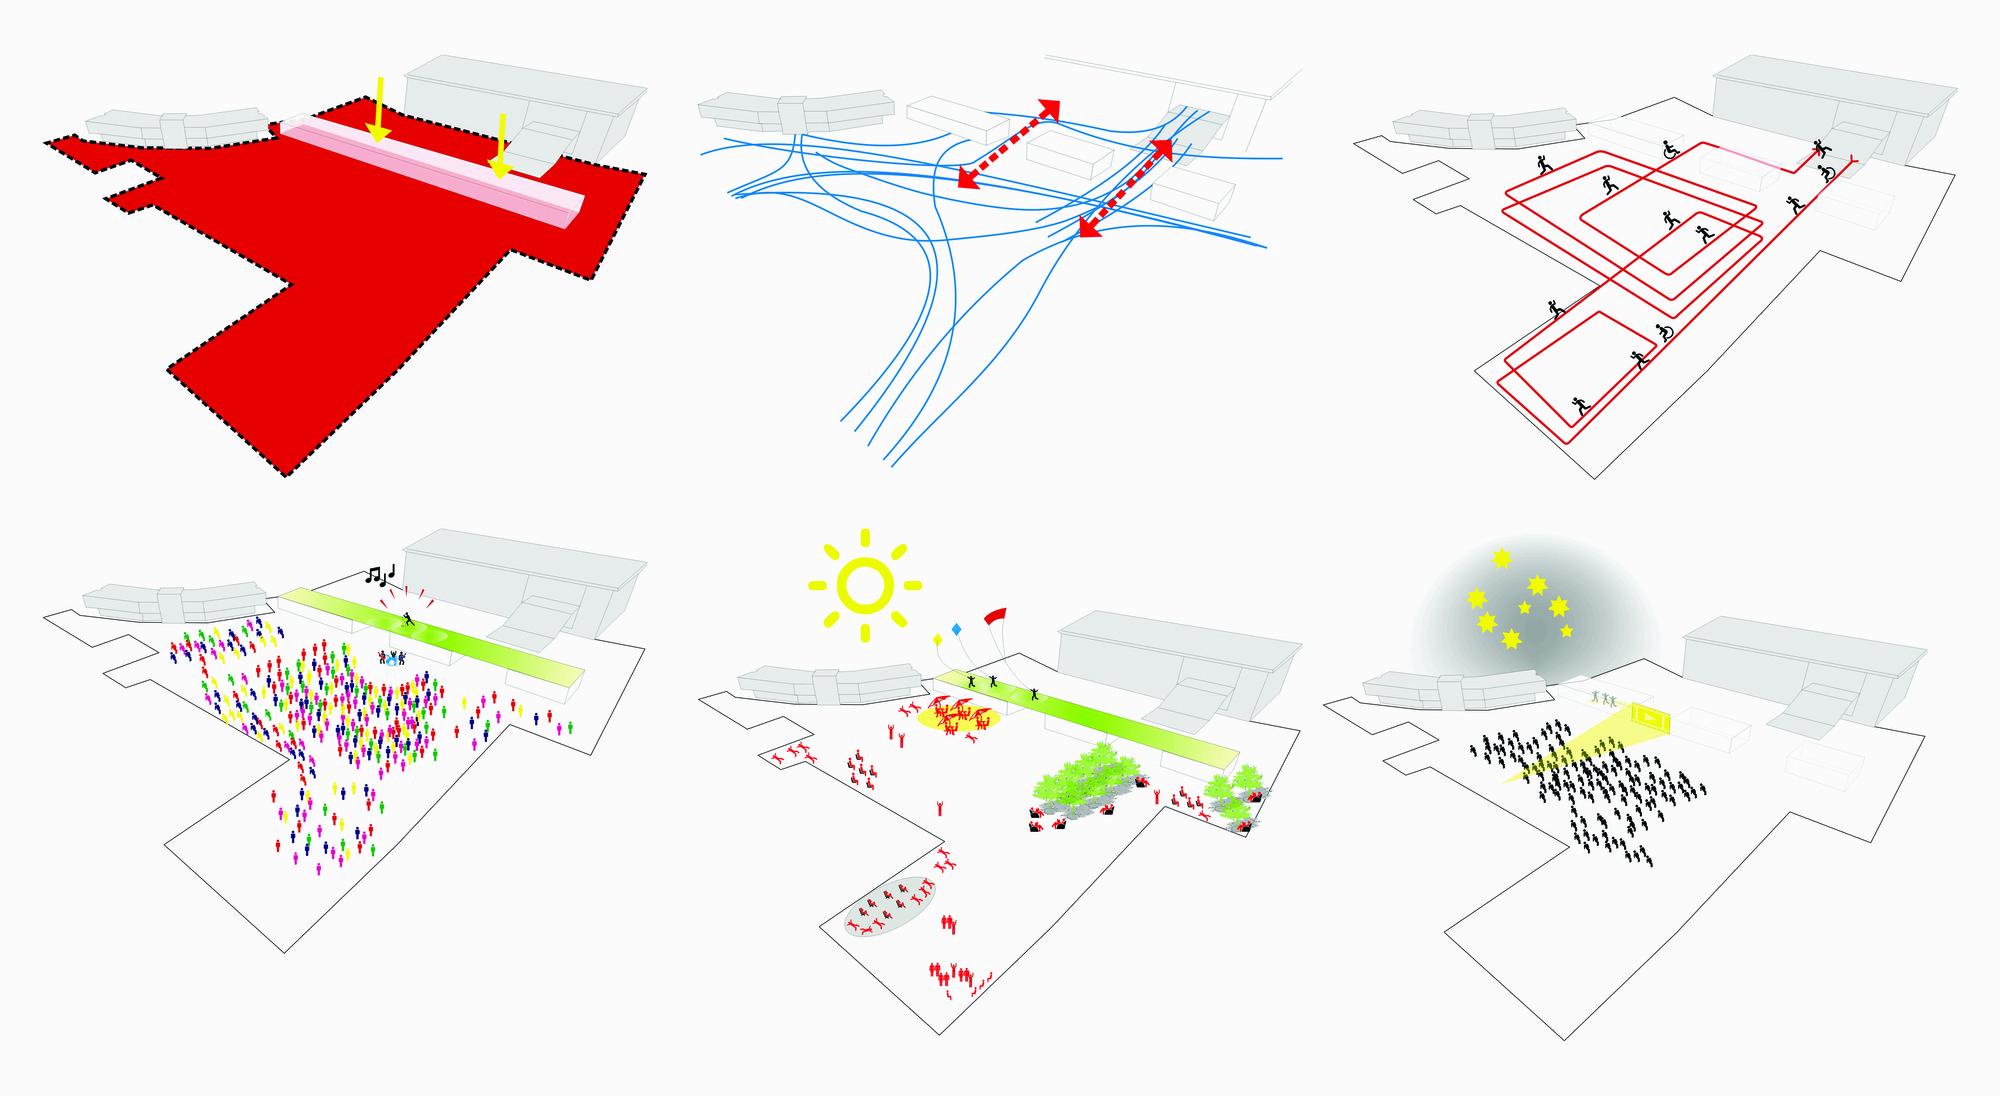 06 Esquemas e ideas que favorezcan la interacción social,  para el nuevo edificio-plaza Ágora. Image © Equipo Primer Lugar